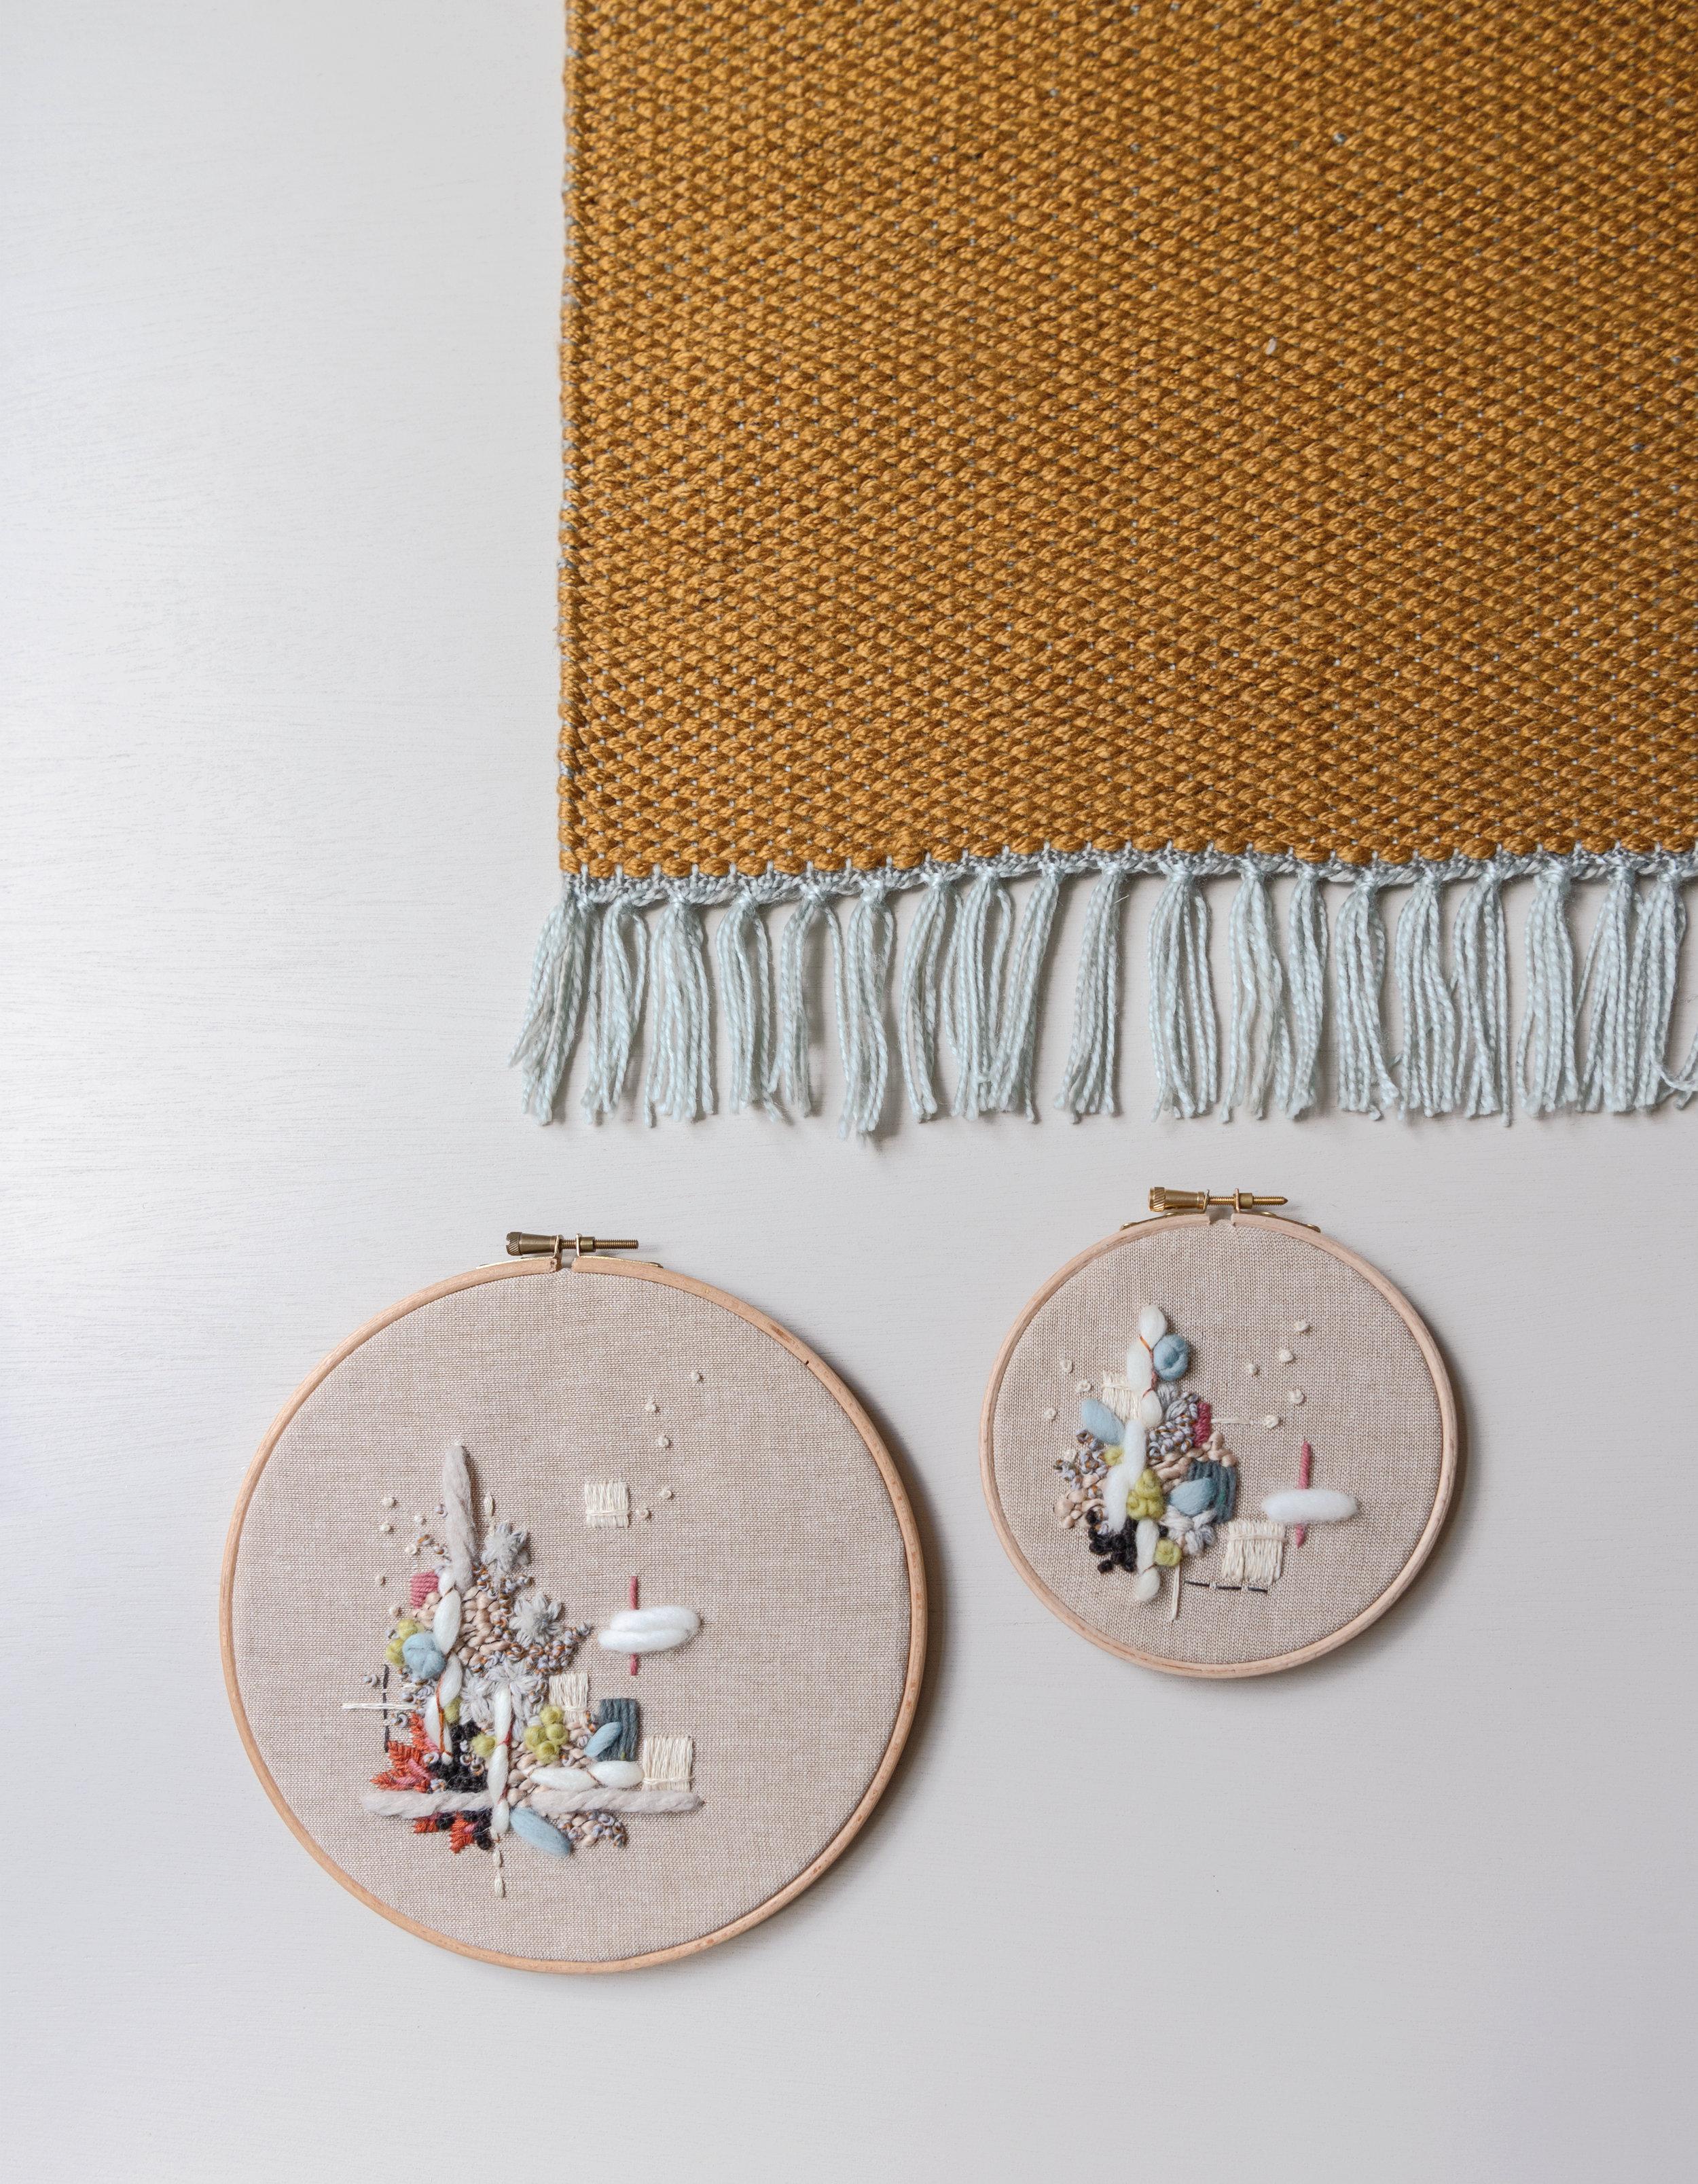 Crafts Envy - Inspiring artworks you've never seen before